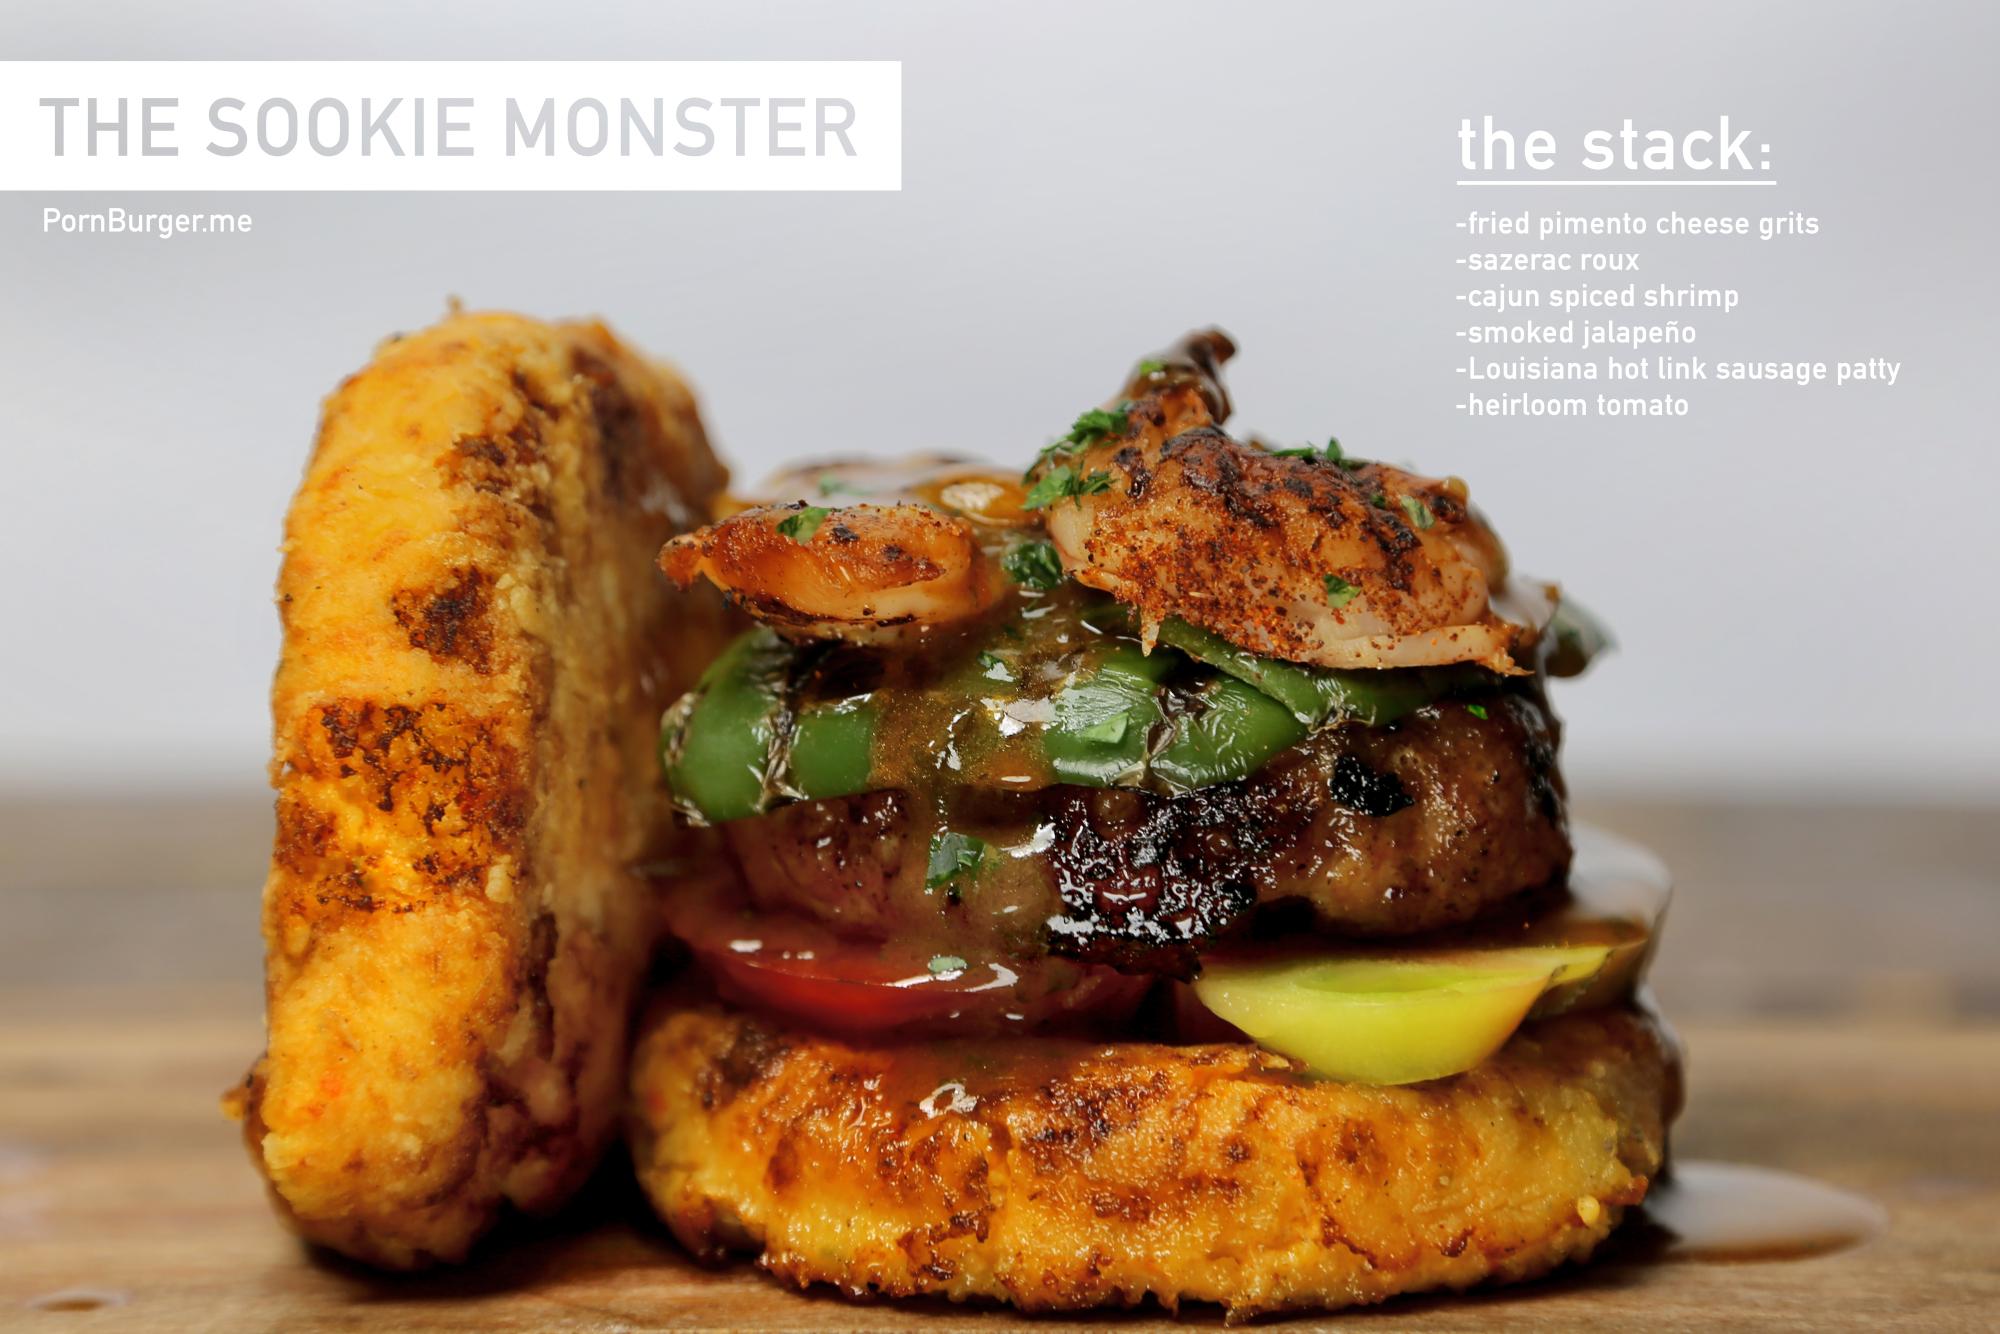 The Sookie Monster Burger.